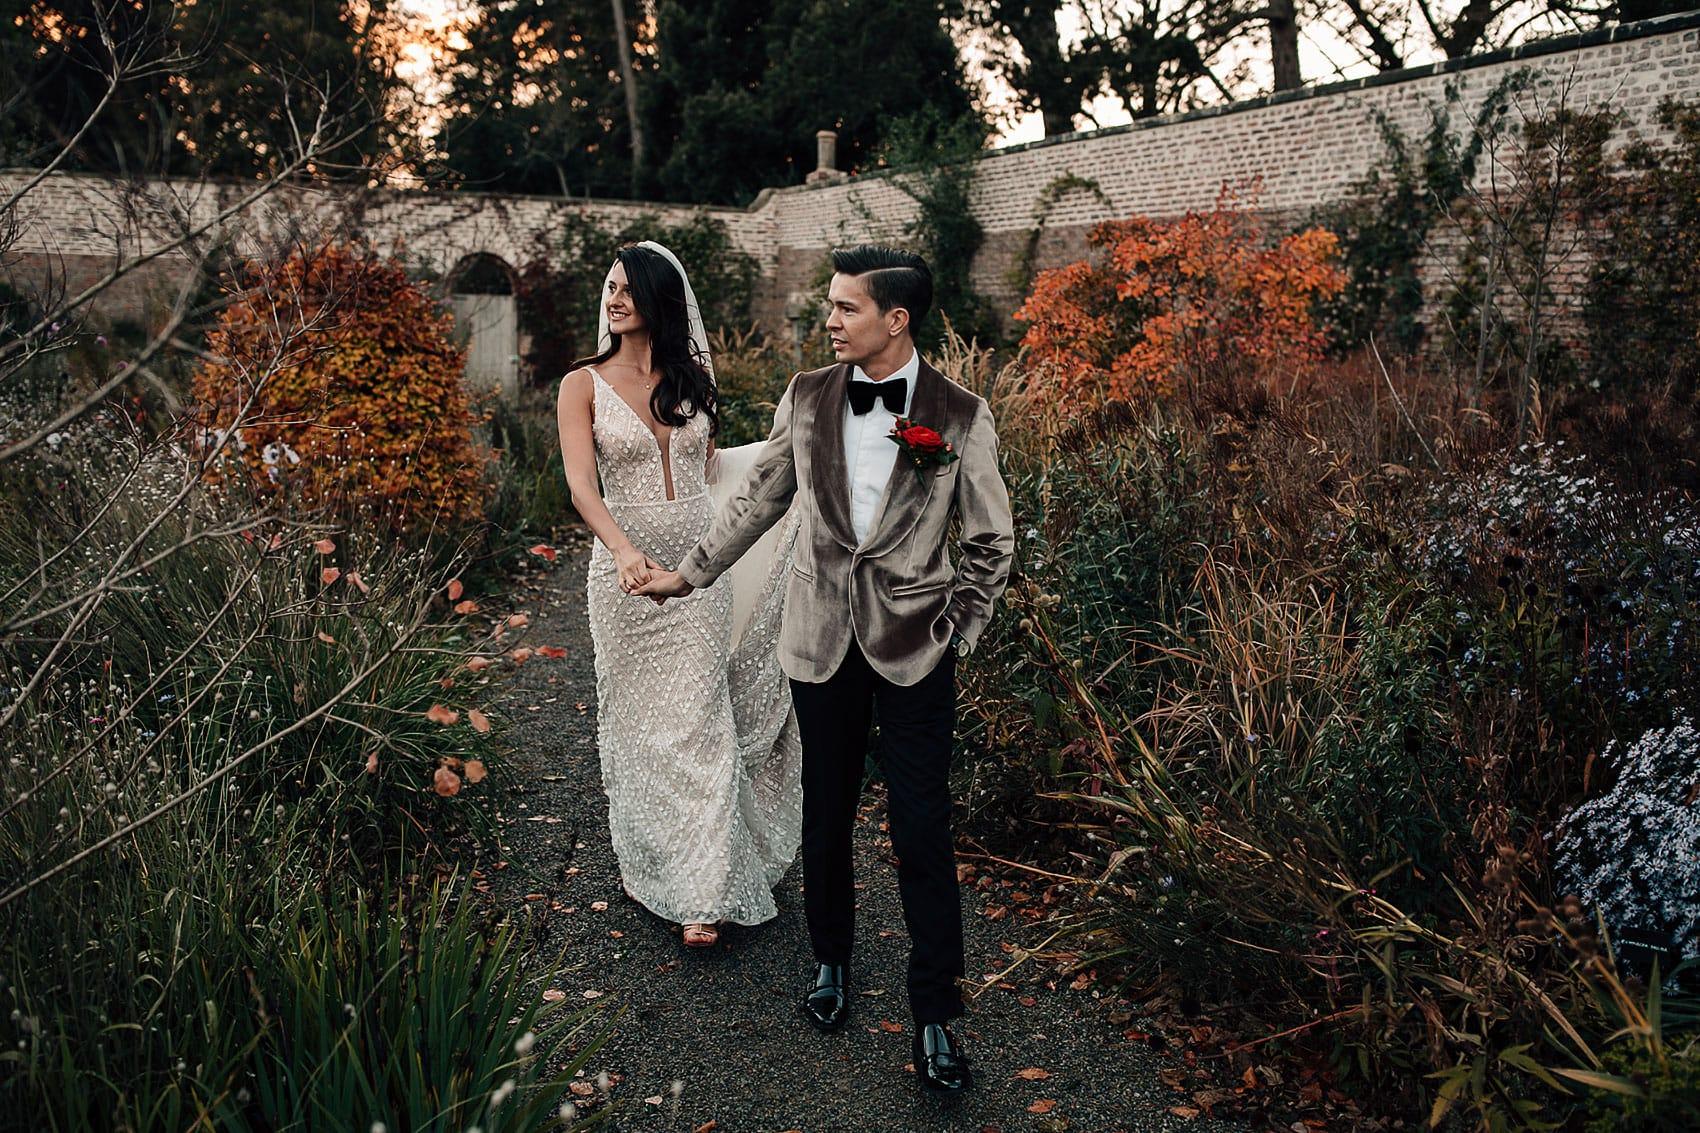 glamorous Hollywood style wedding photography